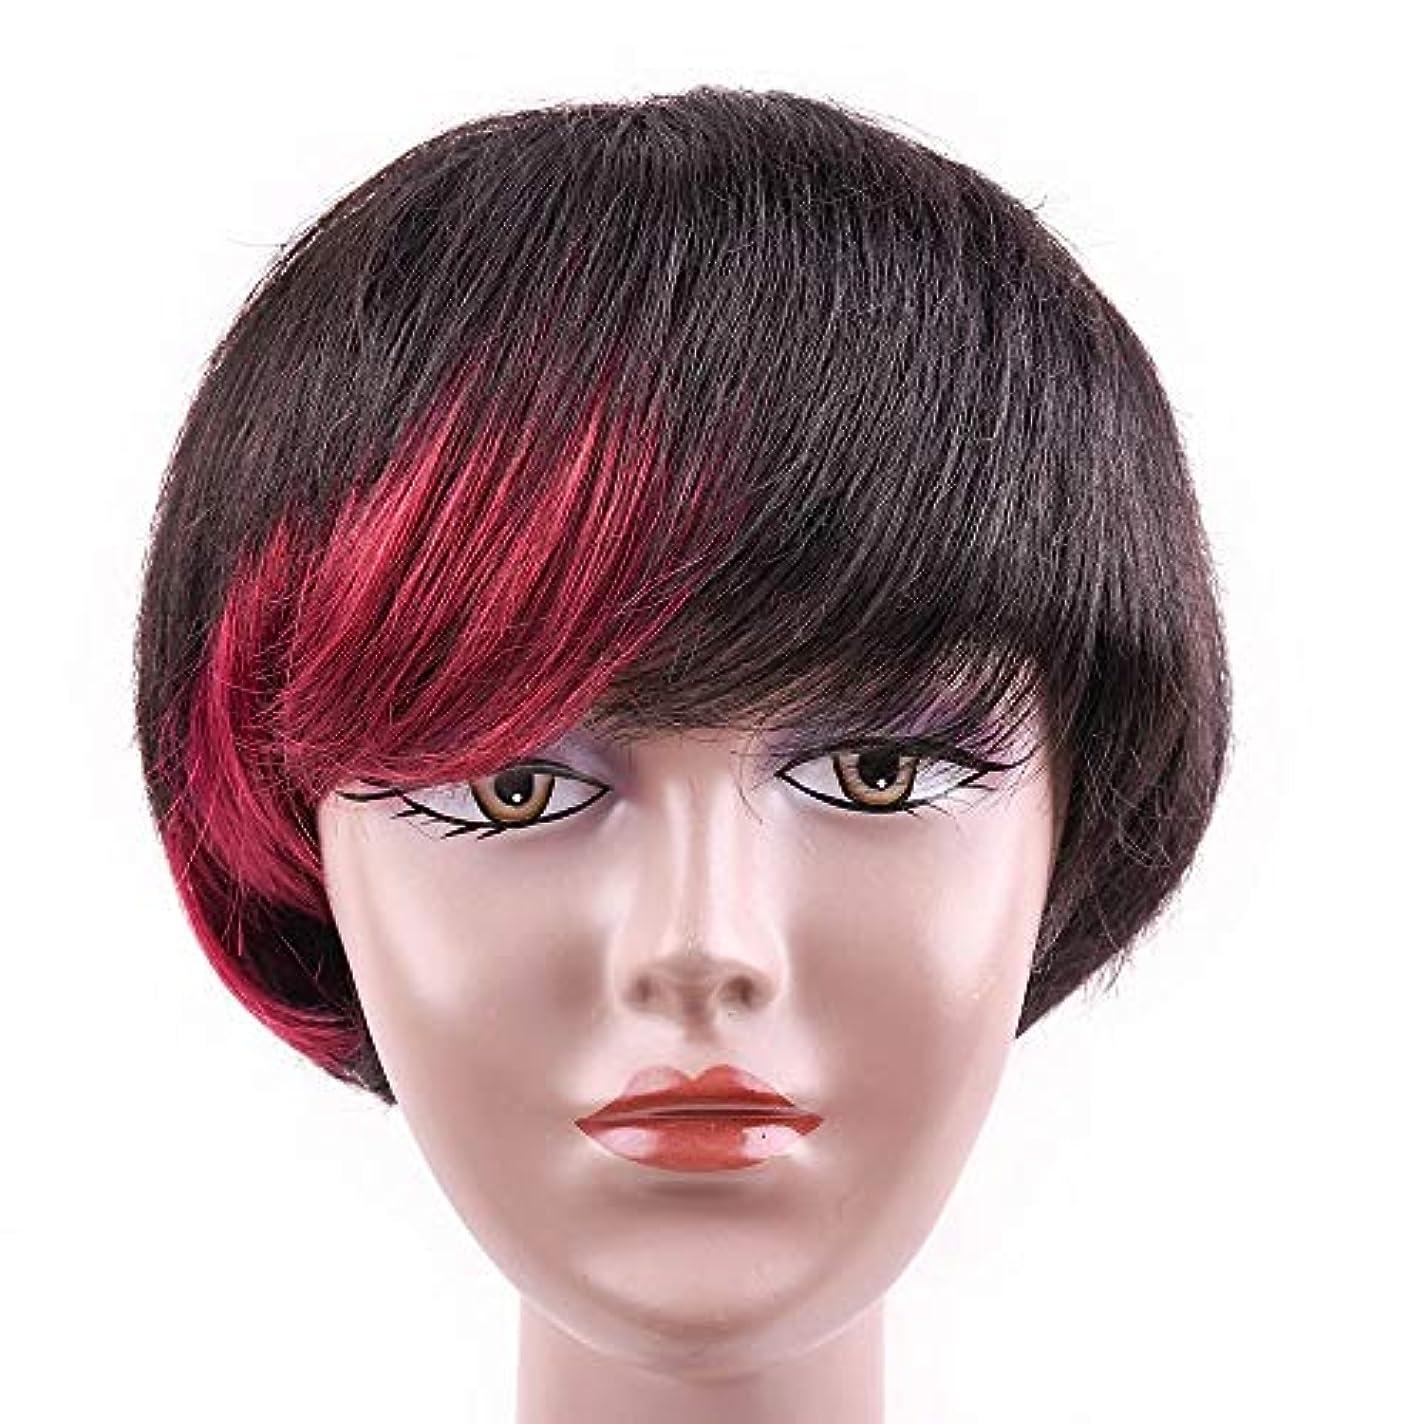 困った弓威信WASAIO 女性6インチ黒100%人毛ショートボブウィッグレッドカラーのフィンガーウェーブフラッパーウィッグパーティーのコスプレを強調するために (色 : 黒, サイズ : 6 inch)